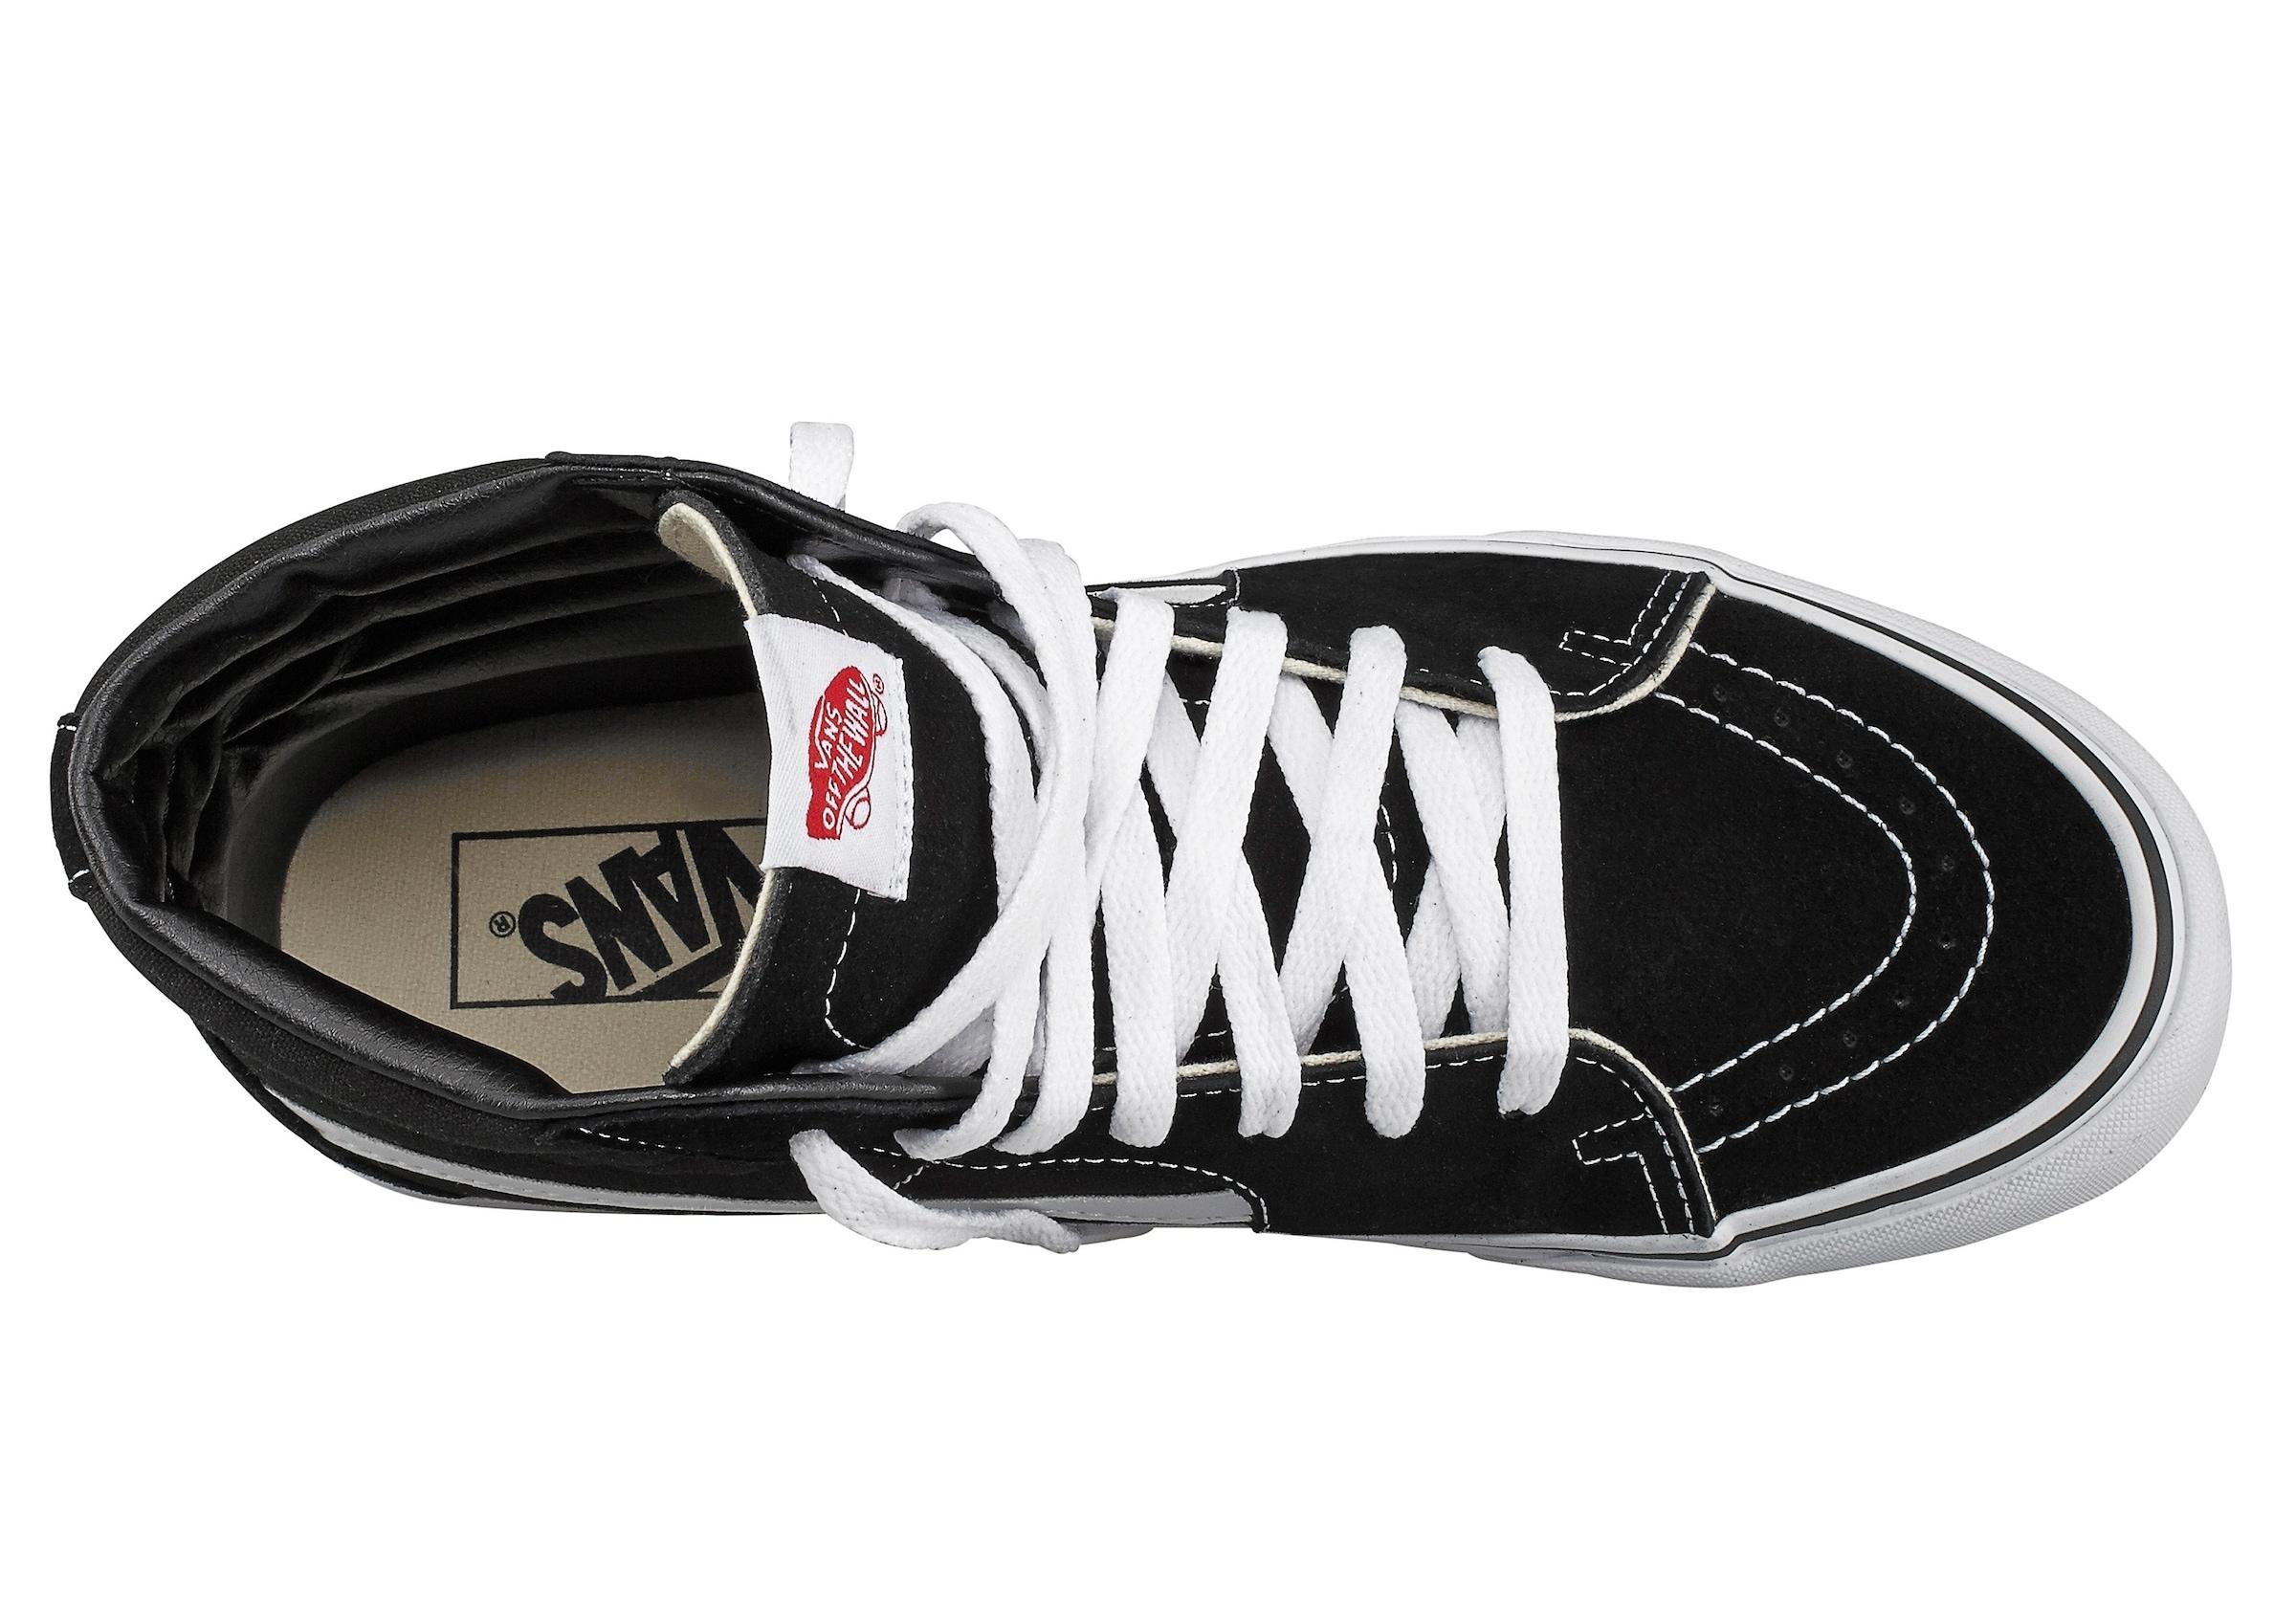 Vans Sneaker SK8-Hi bestellen | Gutes es Preis-Leistungs-Verhältnis, es Gutes lohnt sich 9d1f2d